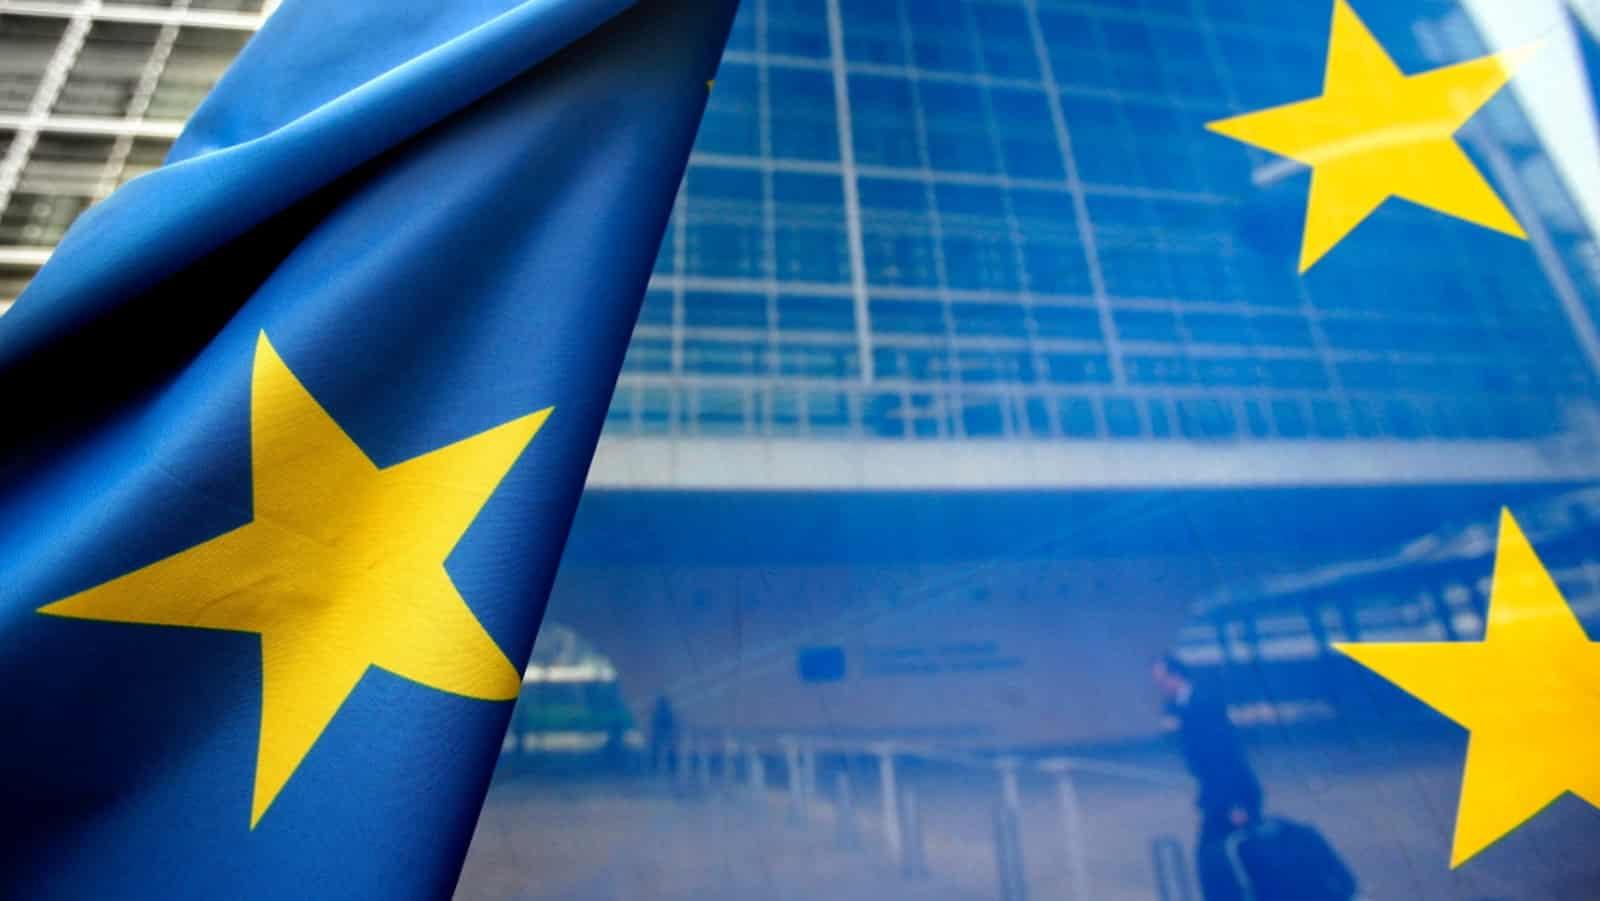 Έρευνα ECFR: Πολλοί πολίτες της ΕΕ βλέπουν την Τουρκία ως εχθρό Κυρώσεις κατά της Τουρκίας: Ώρα να περάσουν από τα λόγια σε πράξεις